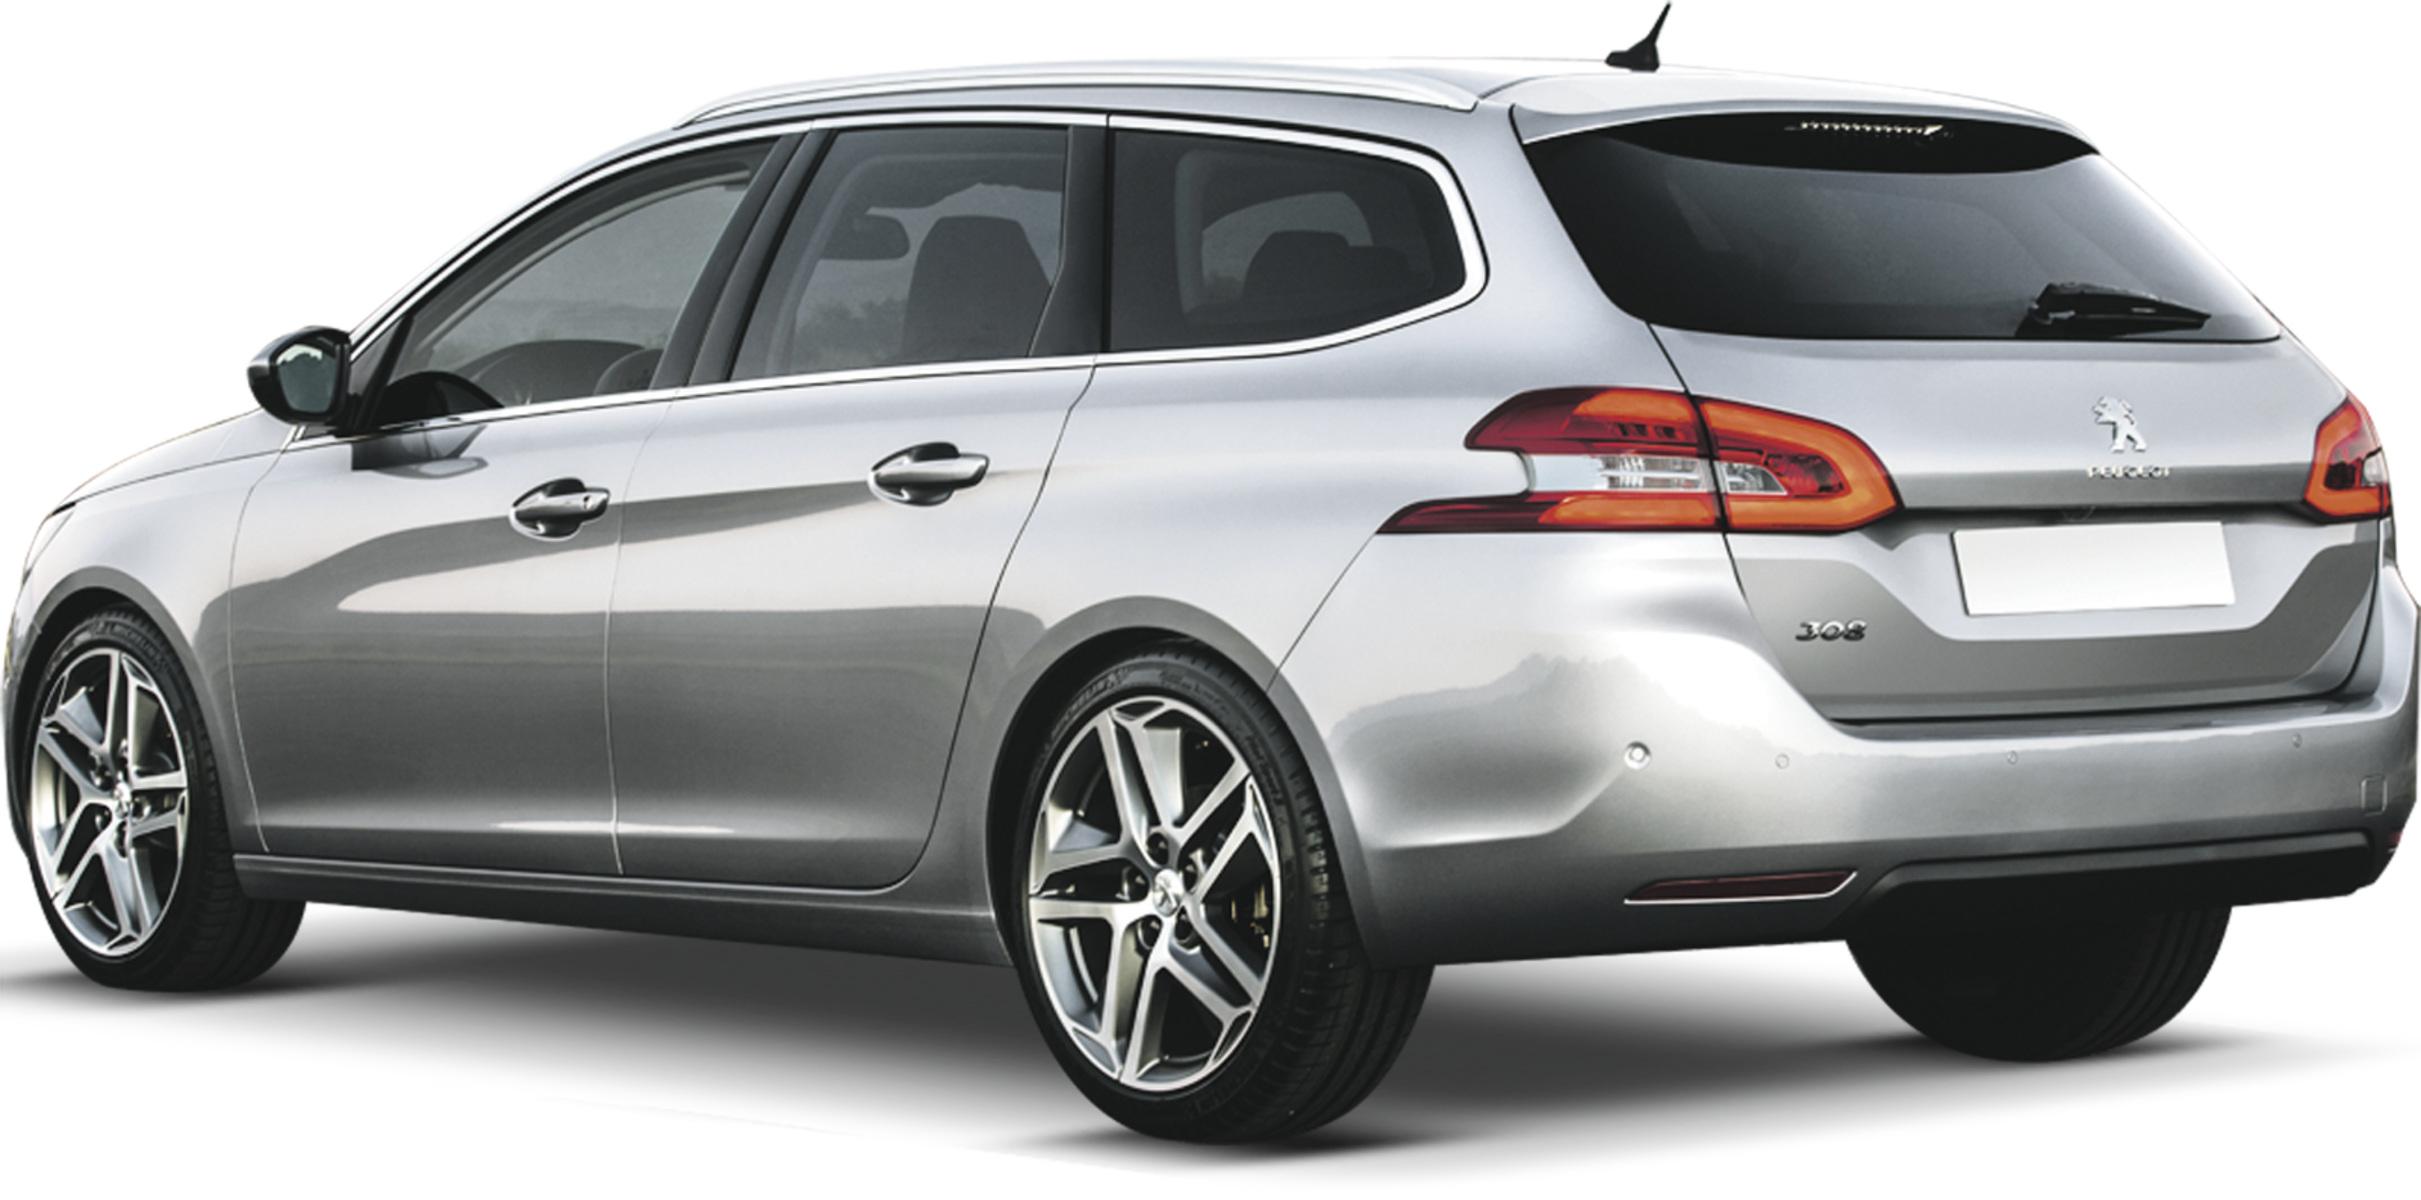 Listino Peugeot 308 Sw Prezzo Scheda Tecnica Consumi